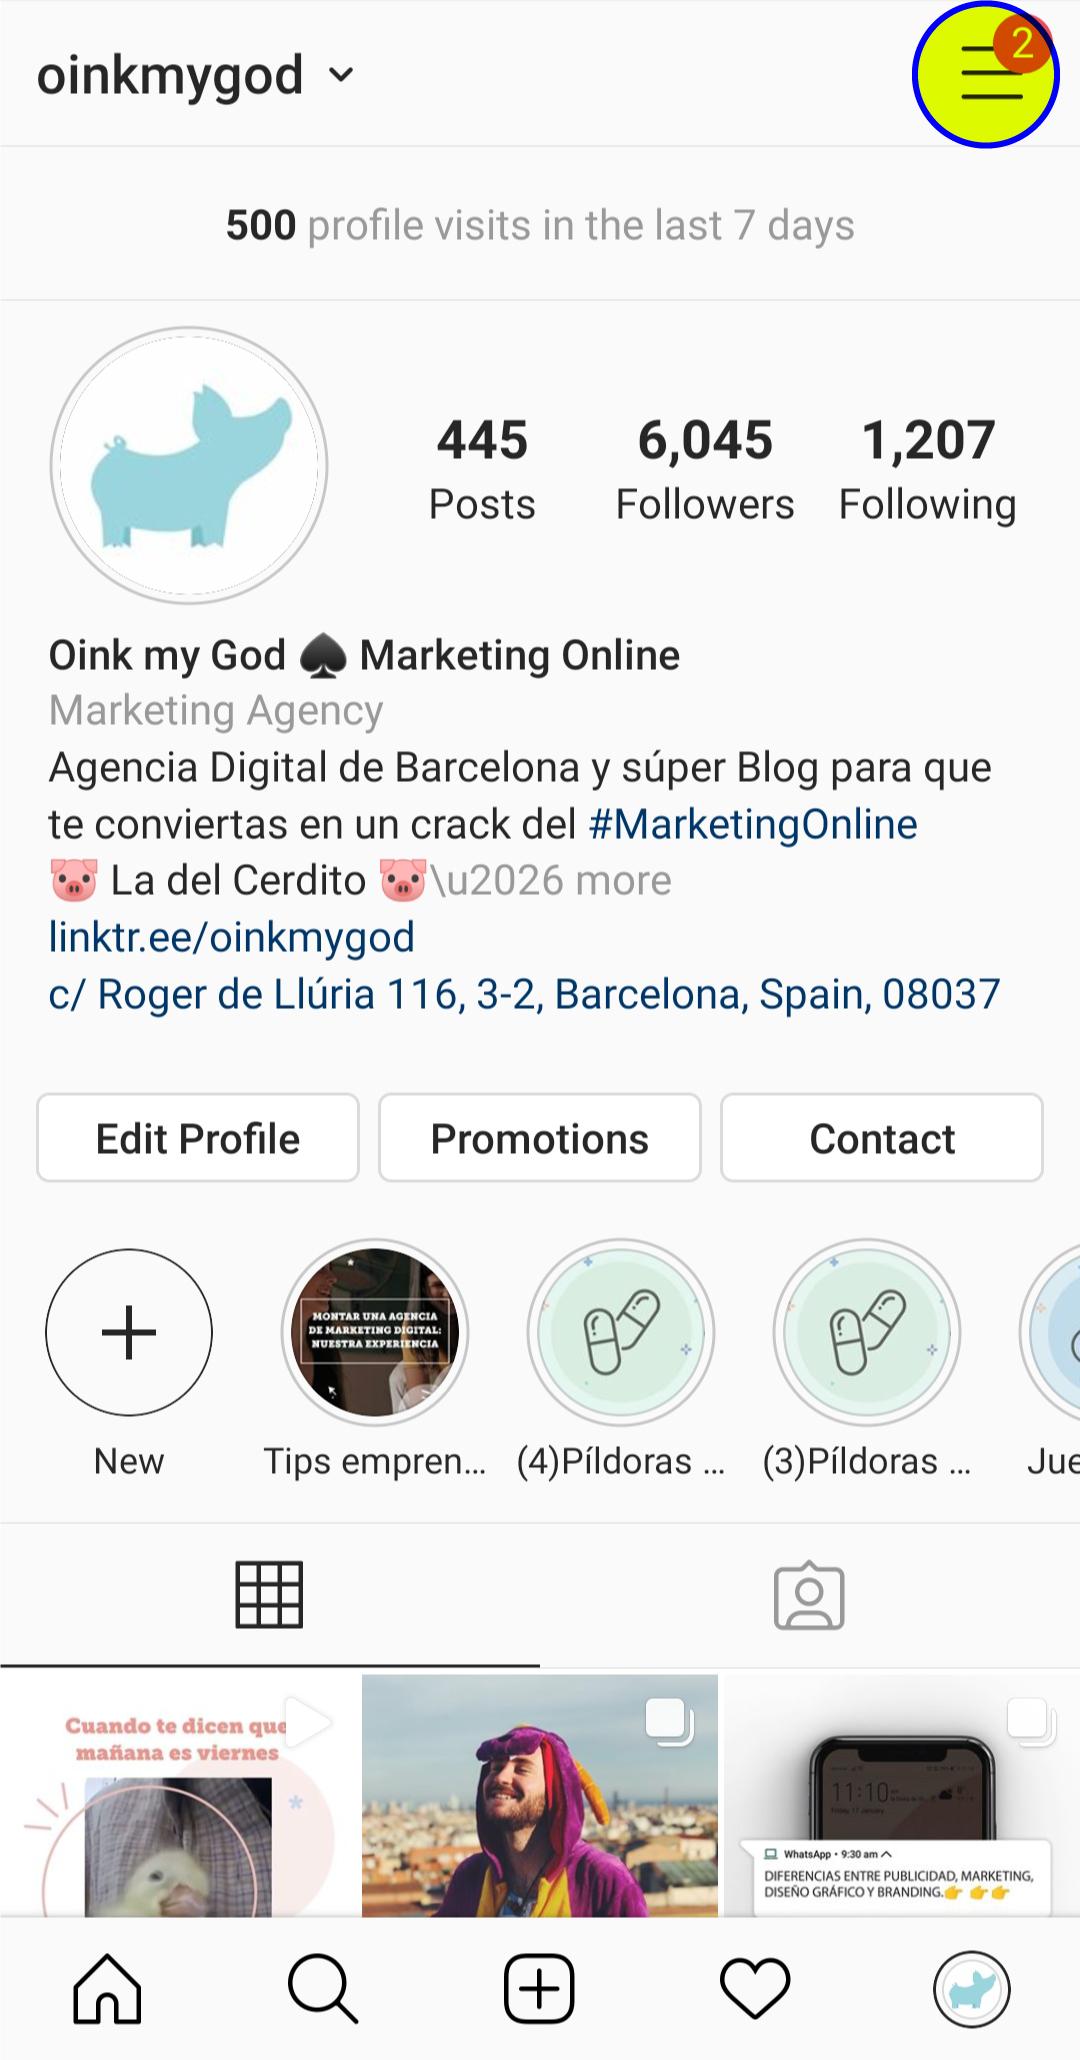 Estadísticas de Instagram - Ejemplo Oink my God